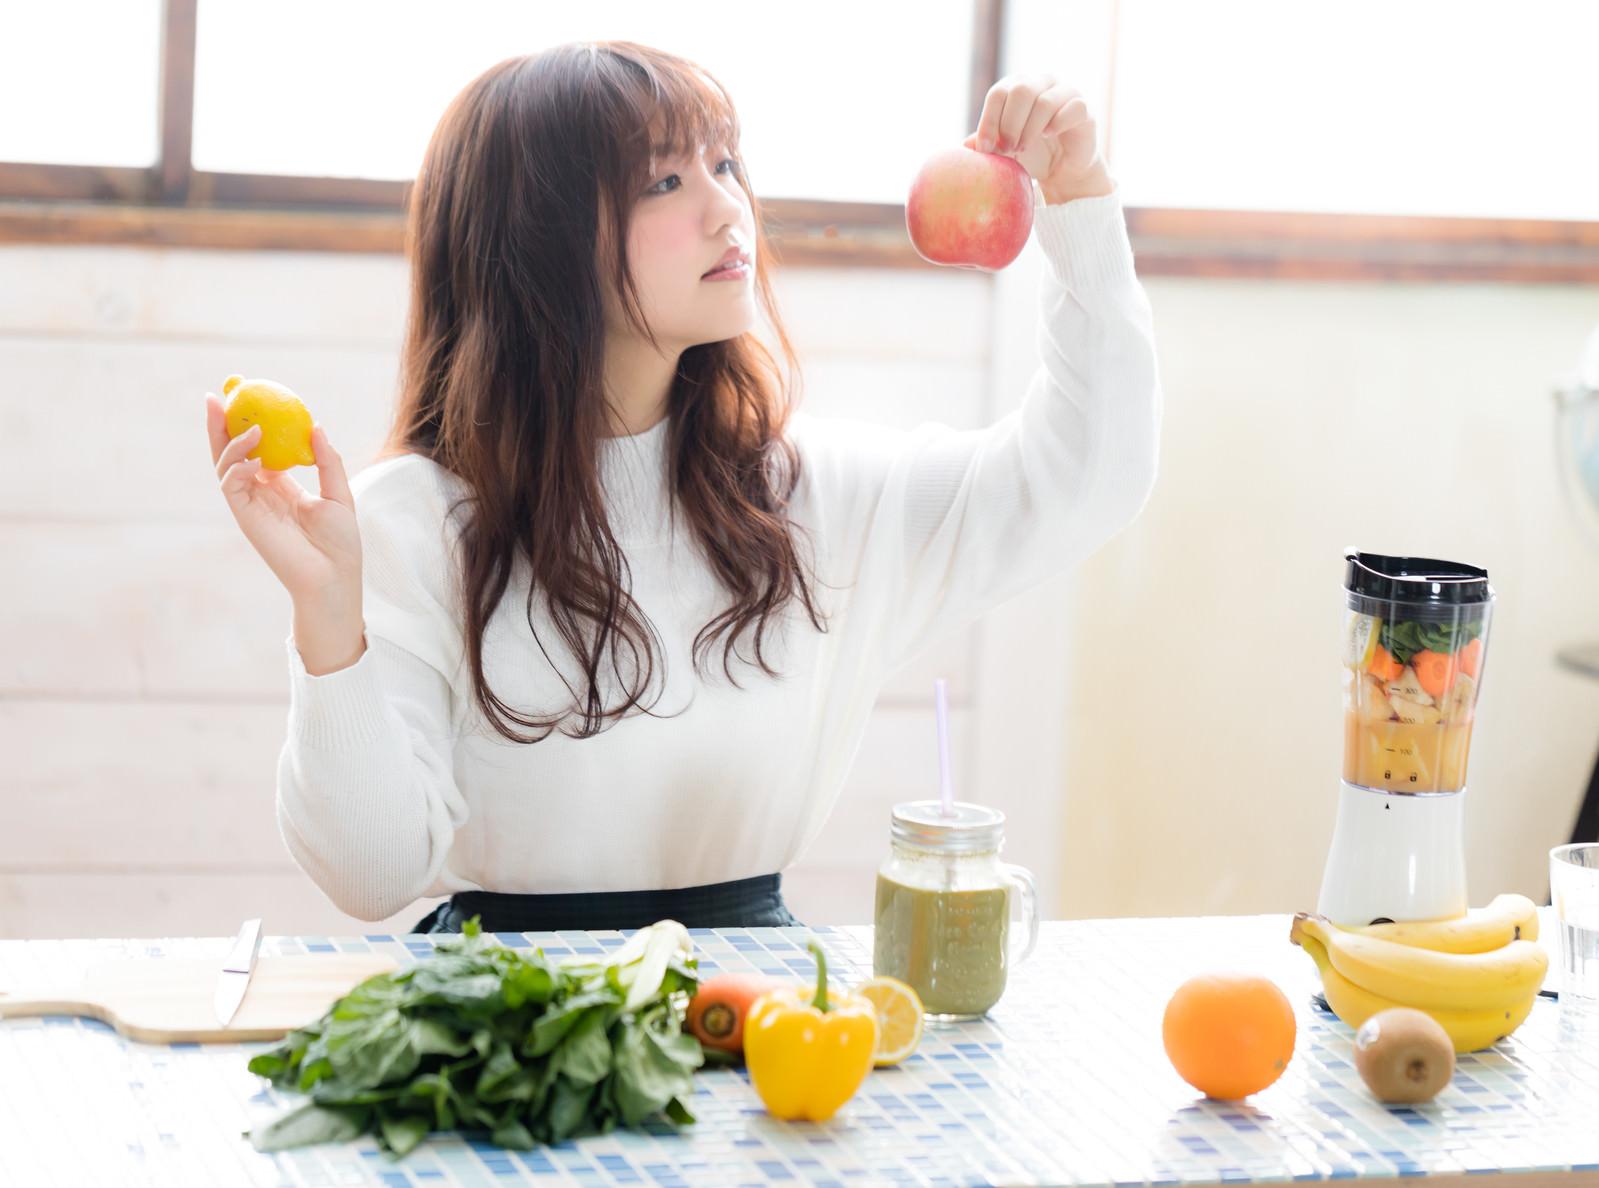 「スムージーに入れる果物(リンゴ・レモン)を選ぶ若い女性 | 写真の無料素材・フリー素材 - ぱくたそ」の写真[モデル:河村友歌]